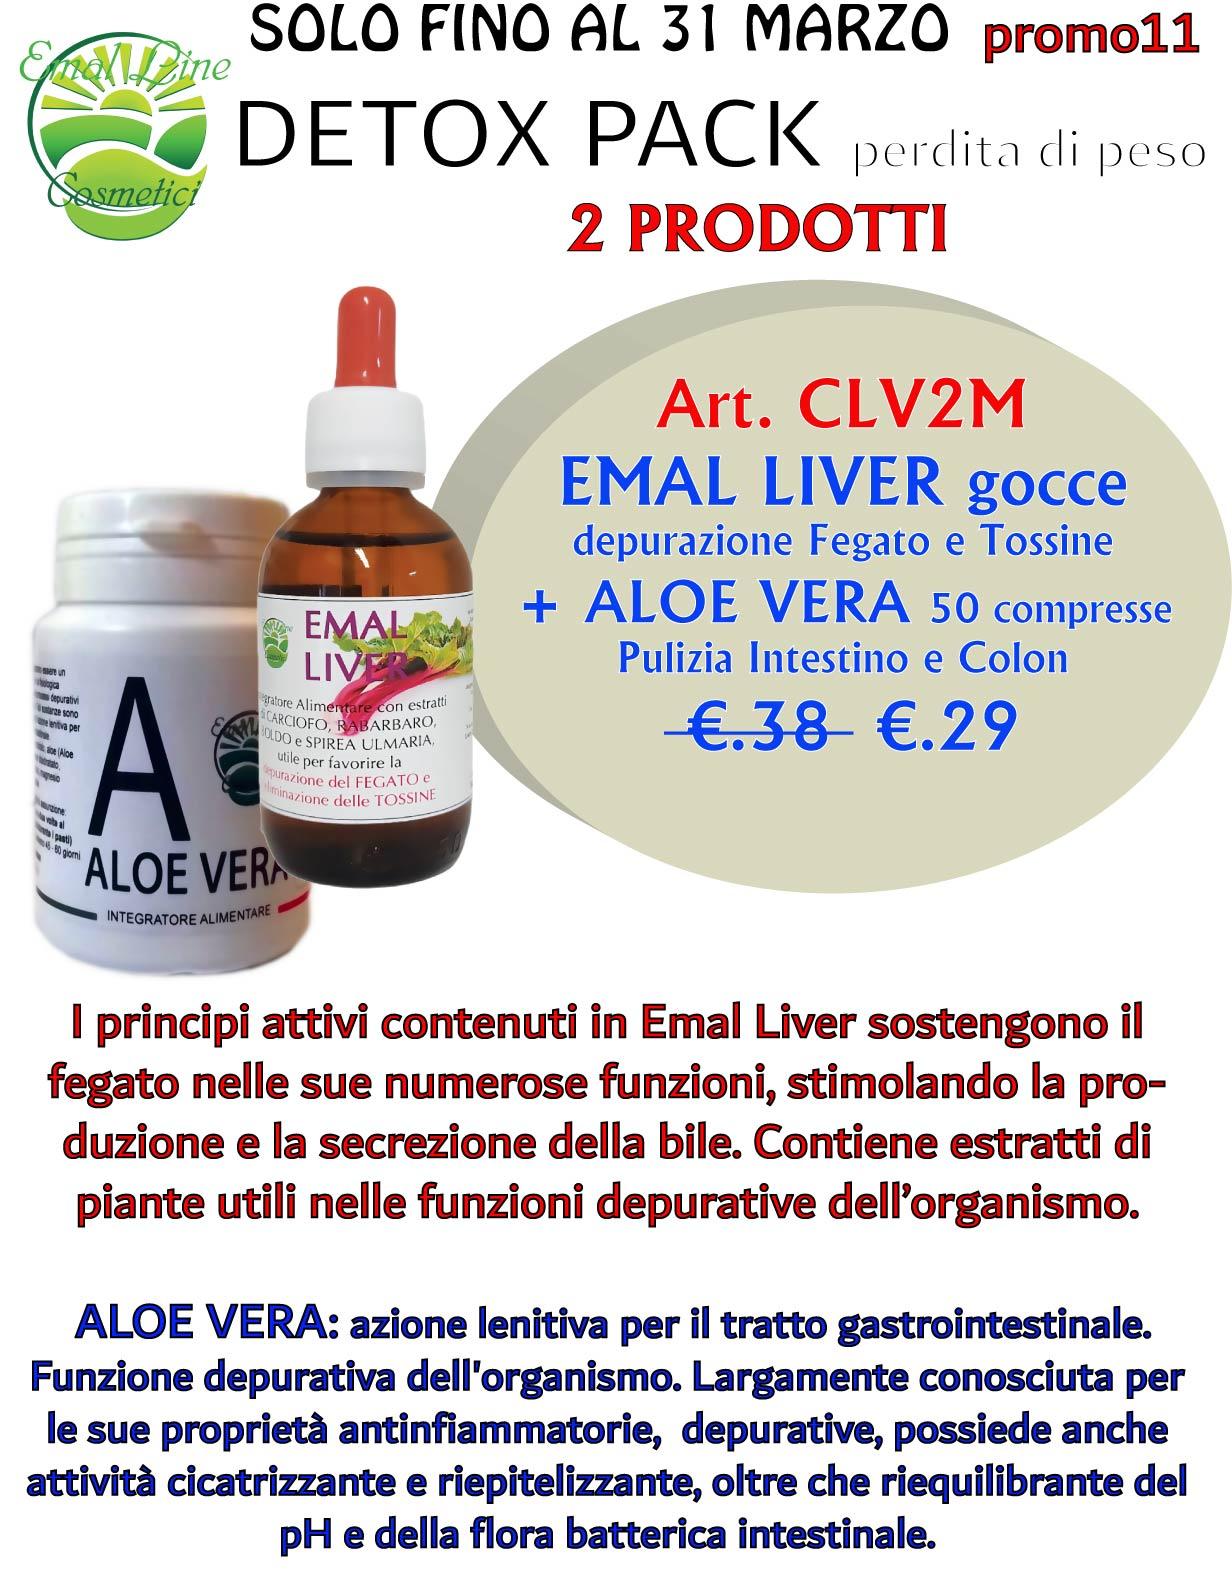 Detox Pack Depurativo. Pulizia Colon e Fegato 2 prodotti